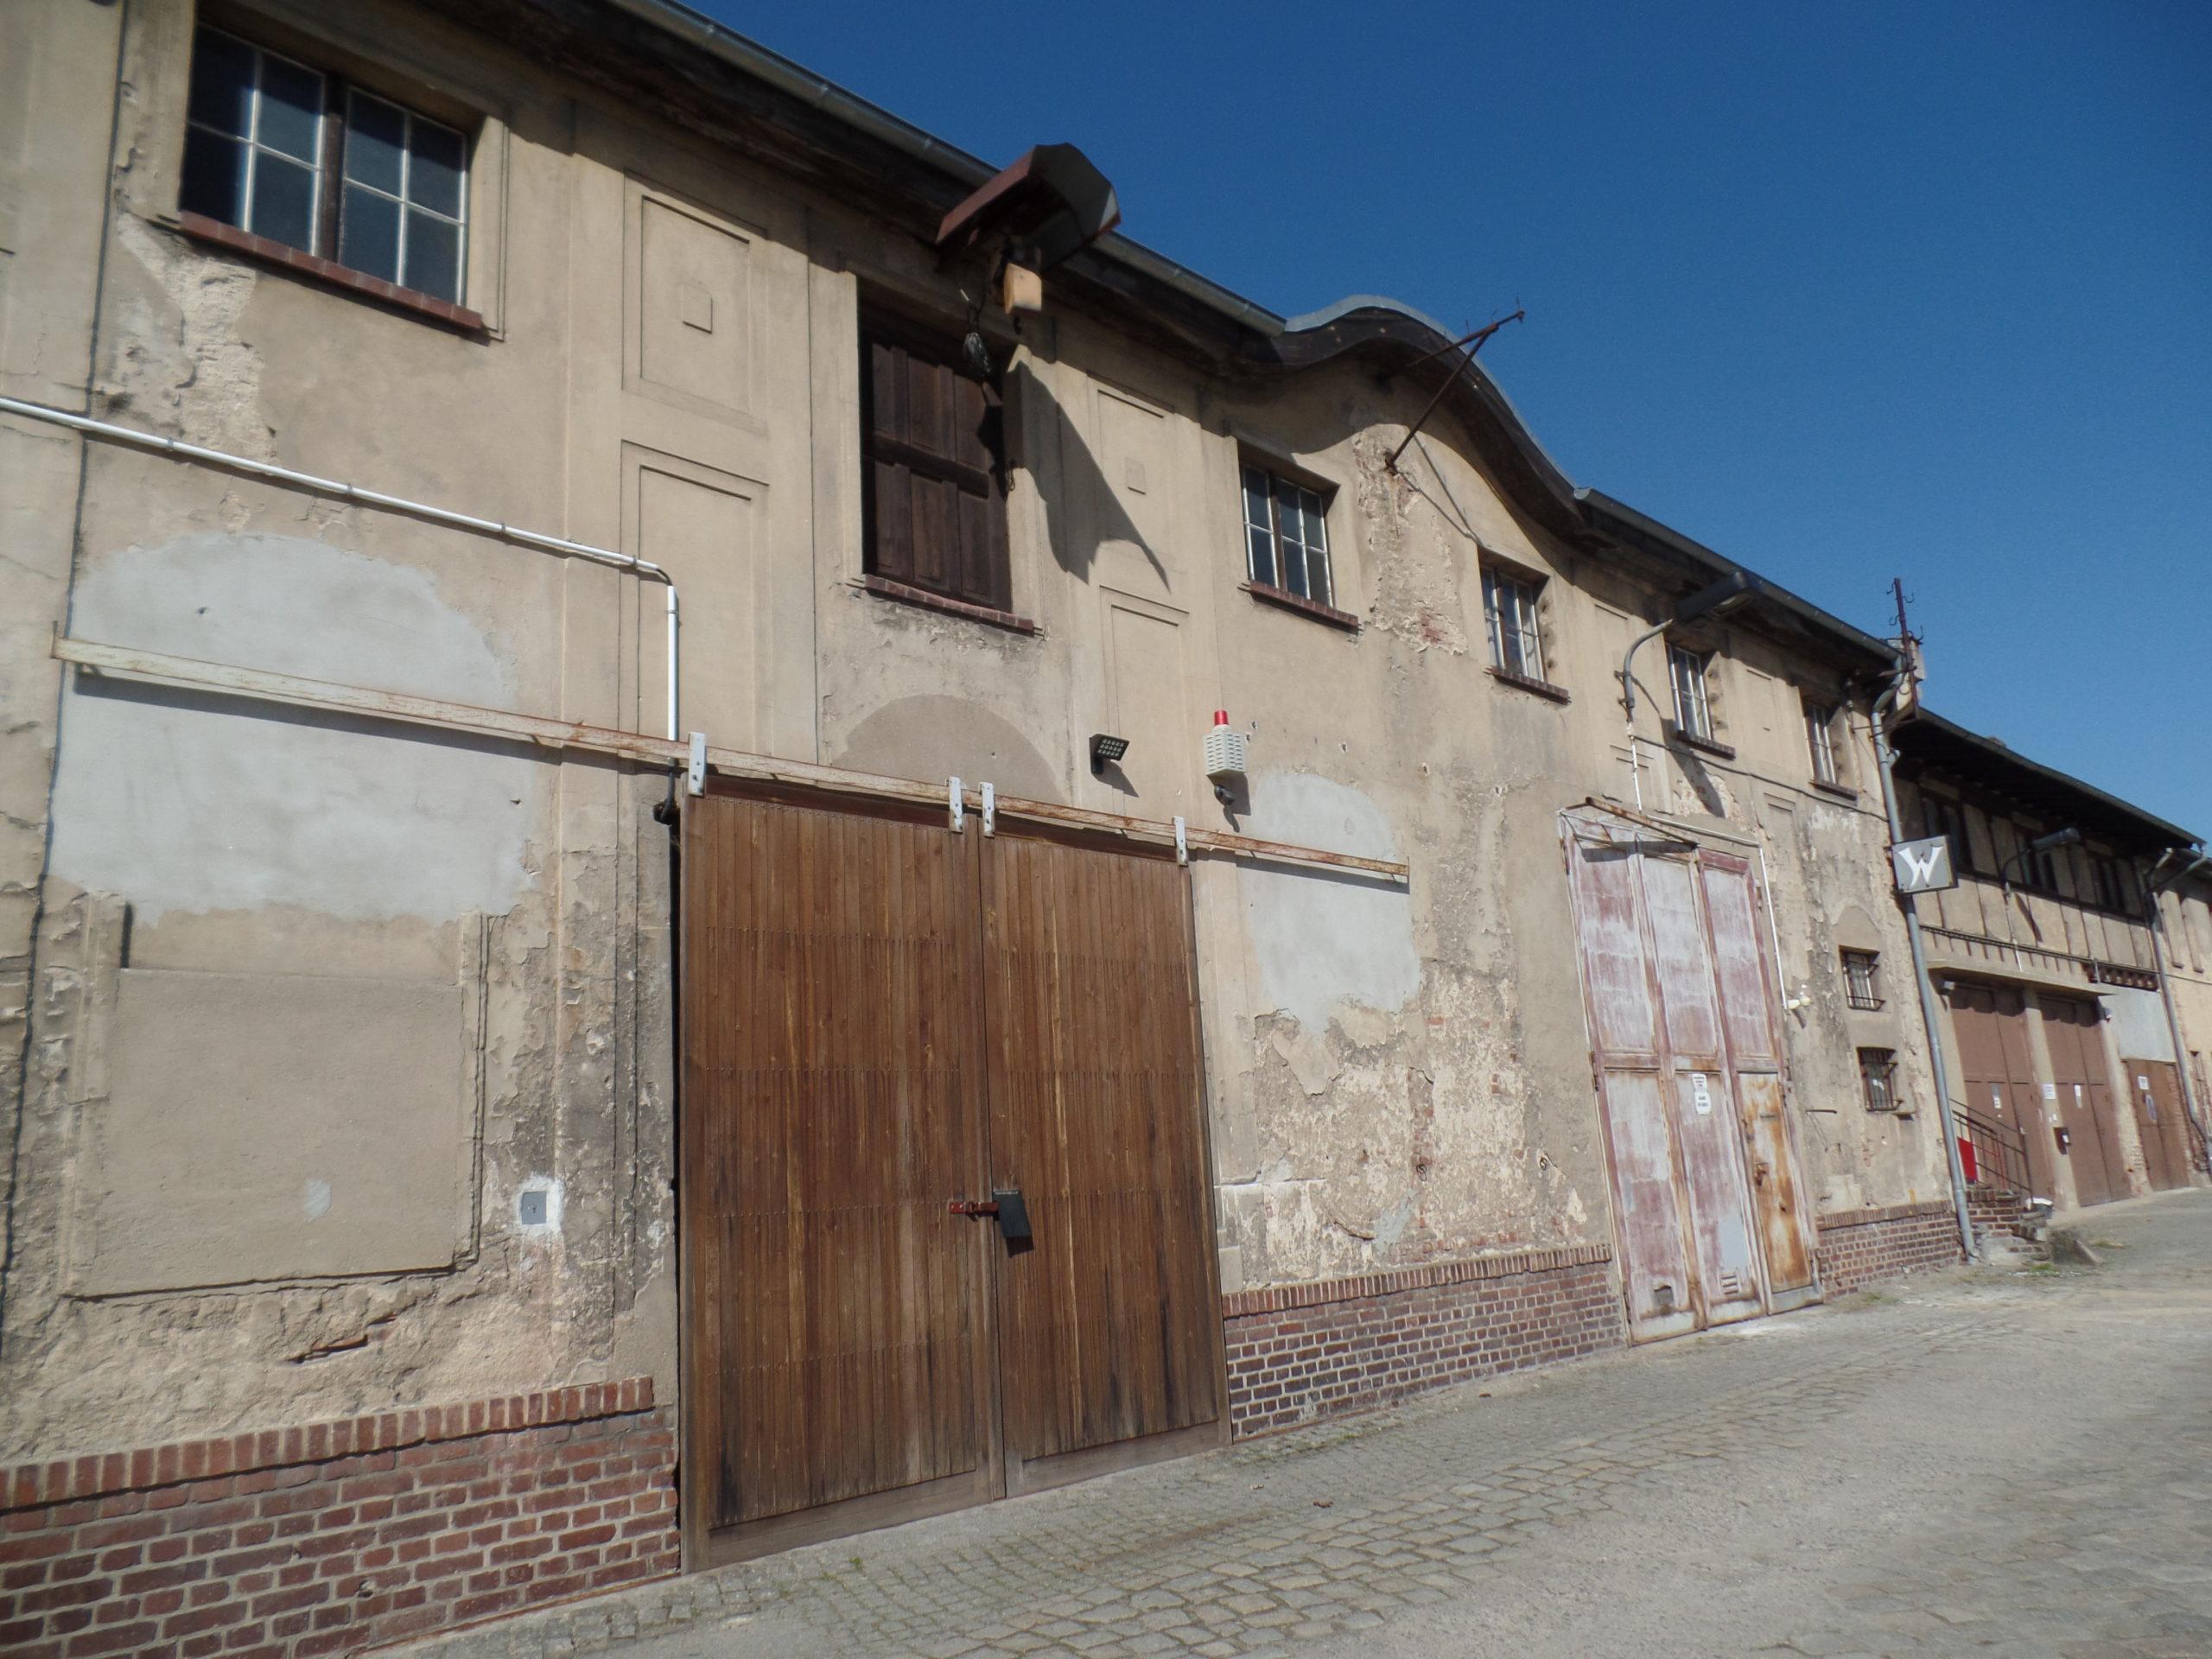 Denkmalgeschütztes Gewerbegrundstück mit Aufbauten – 6 Großgaragen, Bürohaus und Schmiede